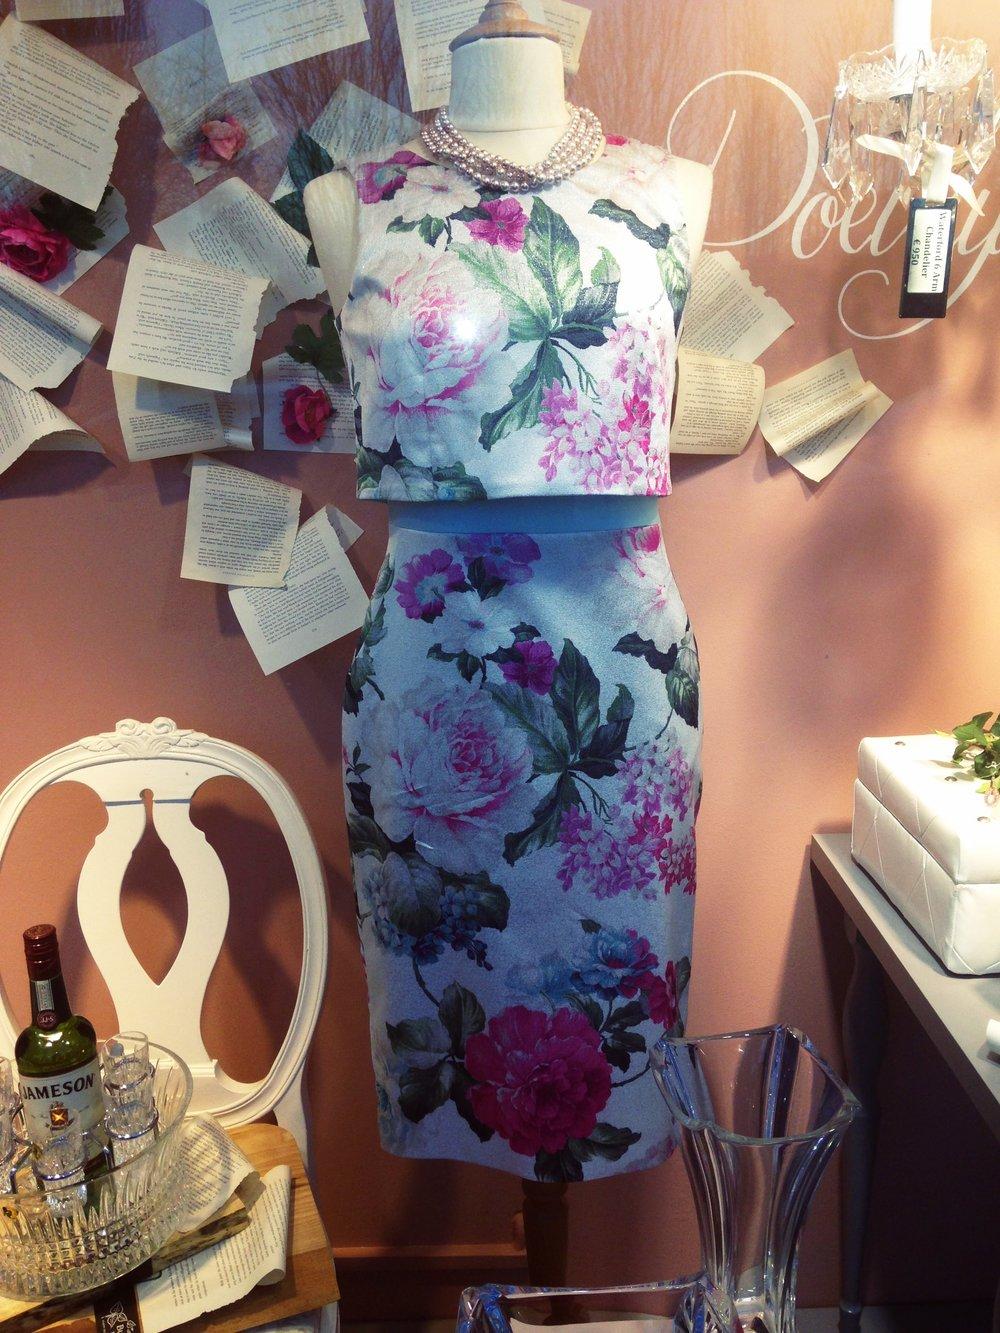 Vintage Floral inspired at Kilkenny Shop Dublin!